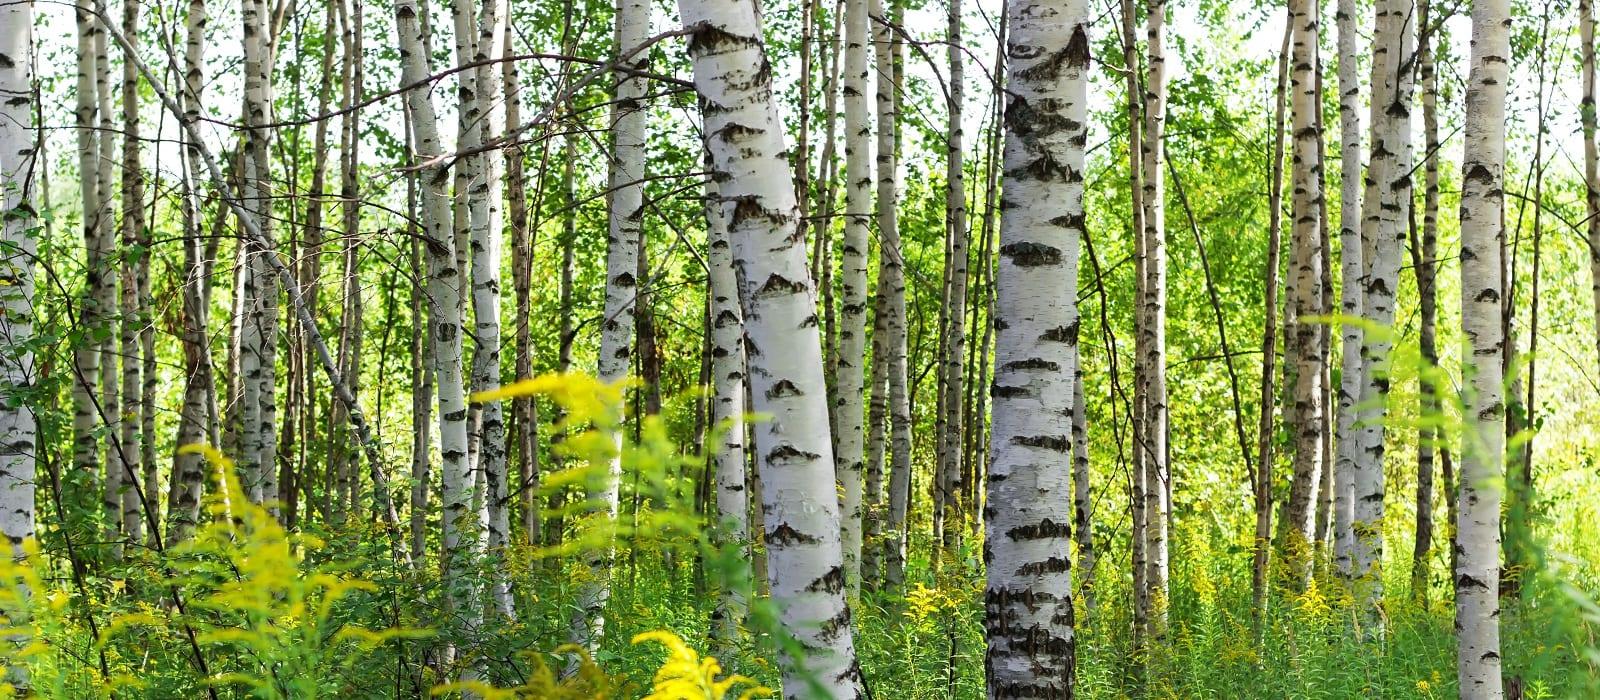 Summer birch forests in sunlight.